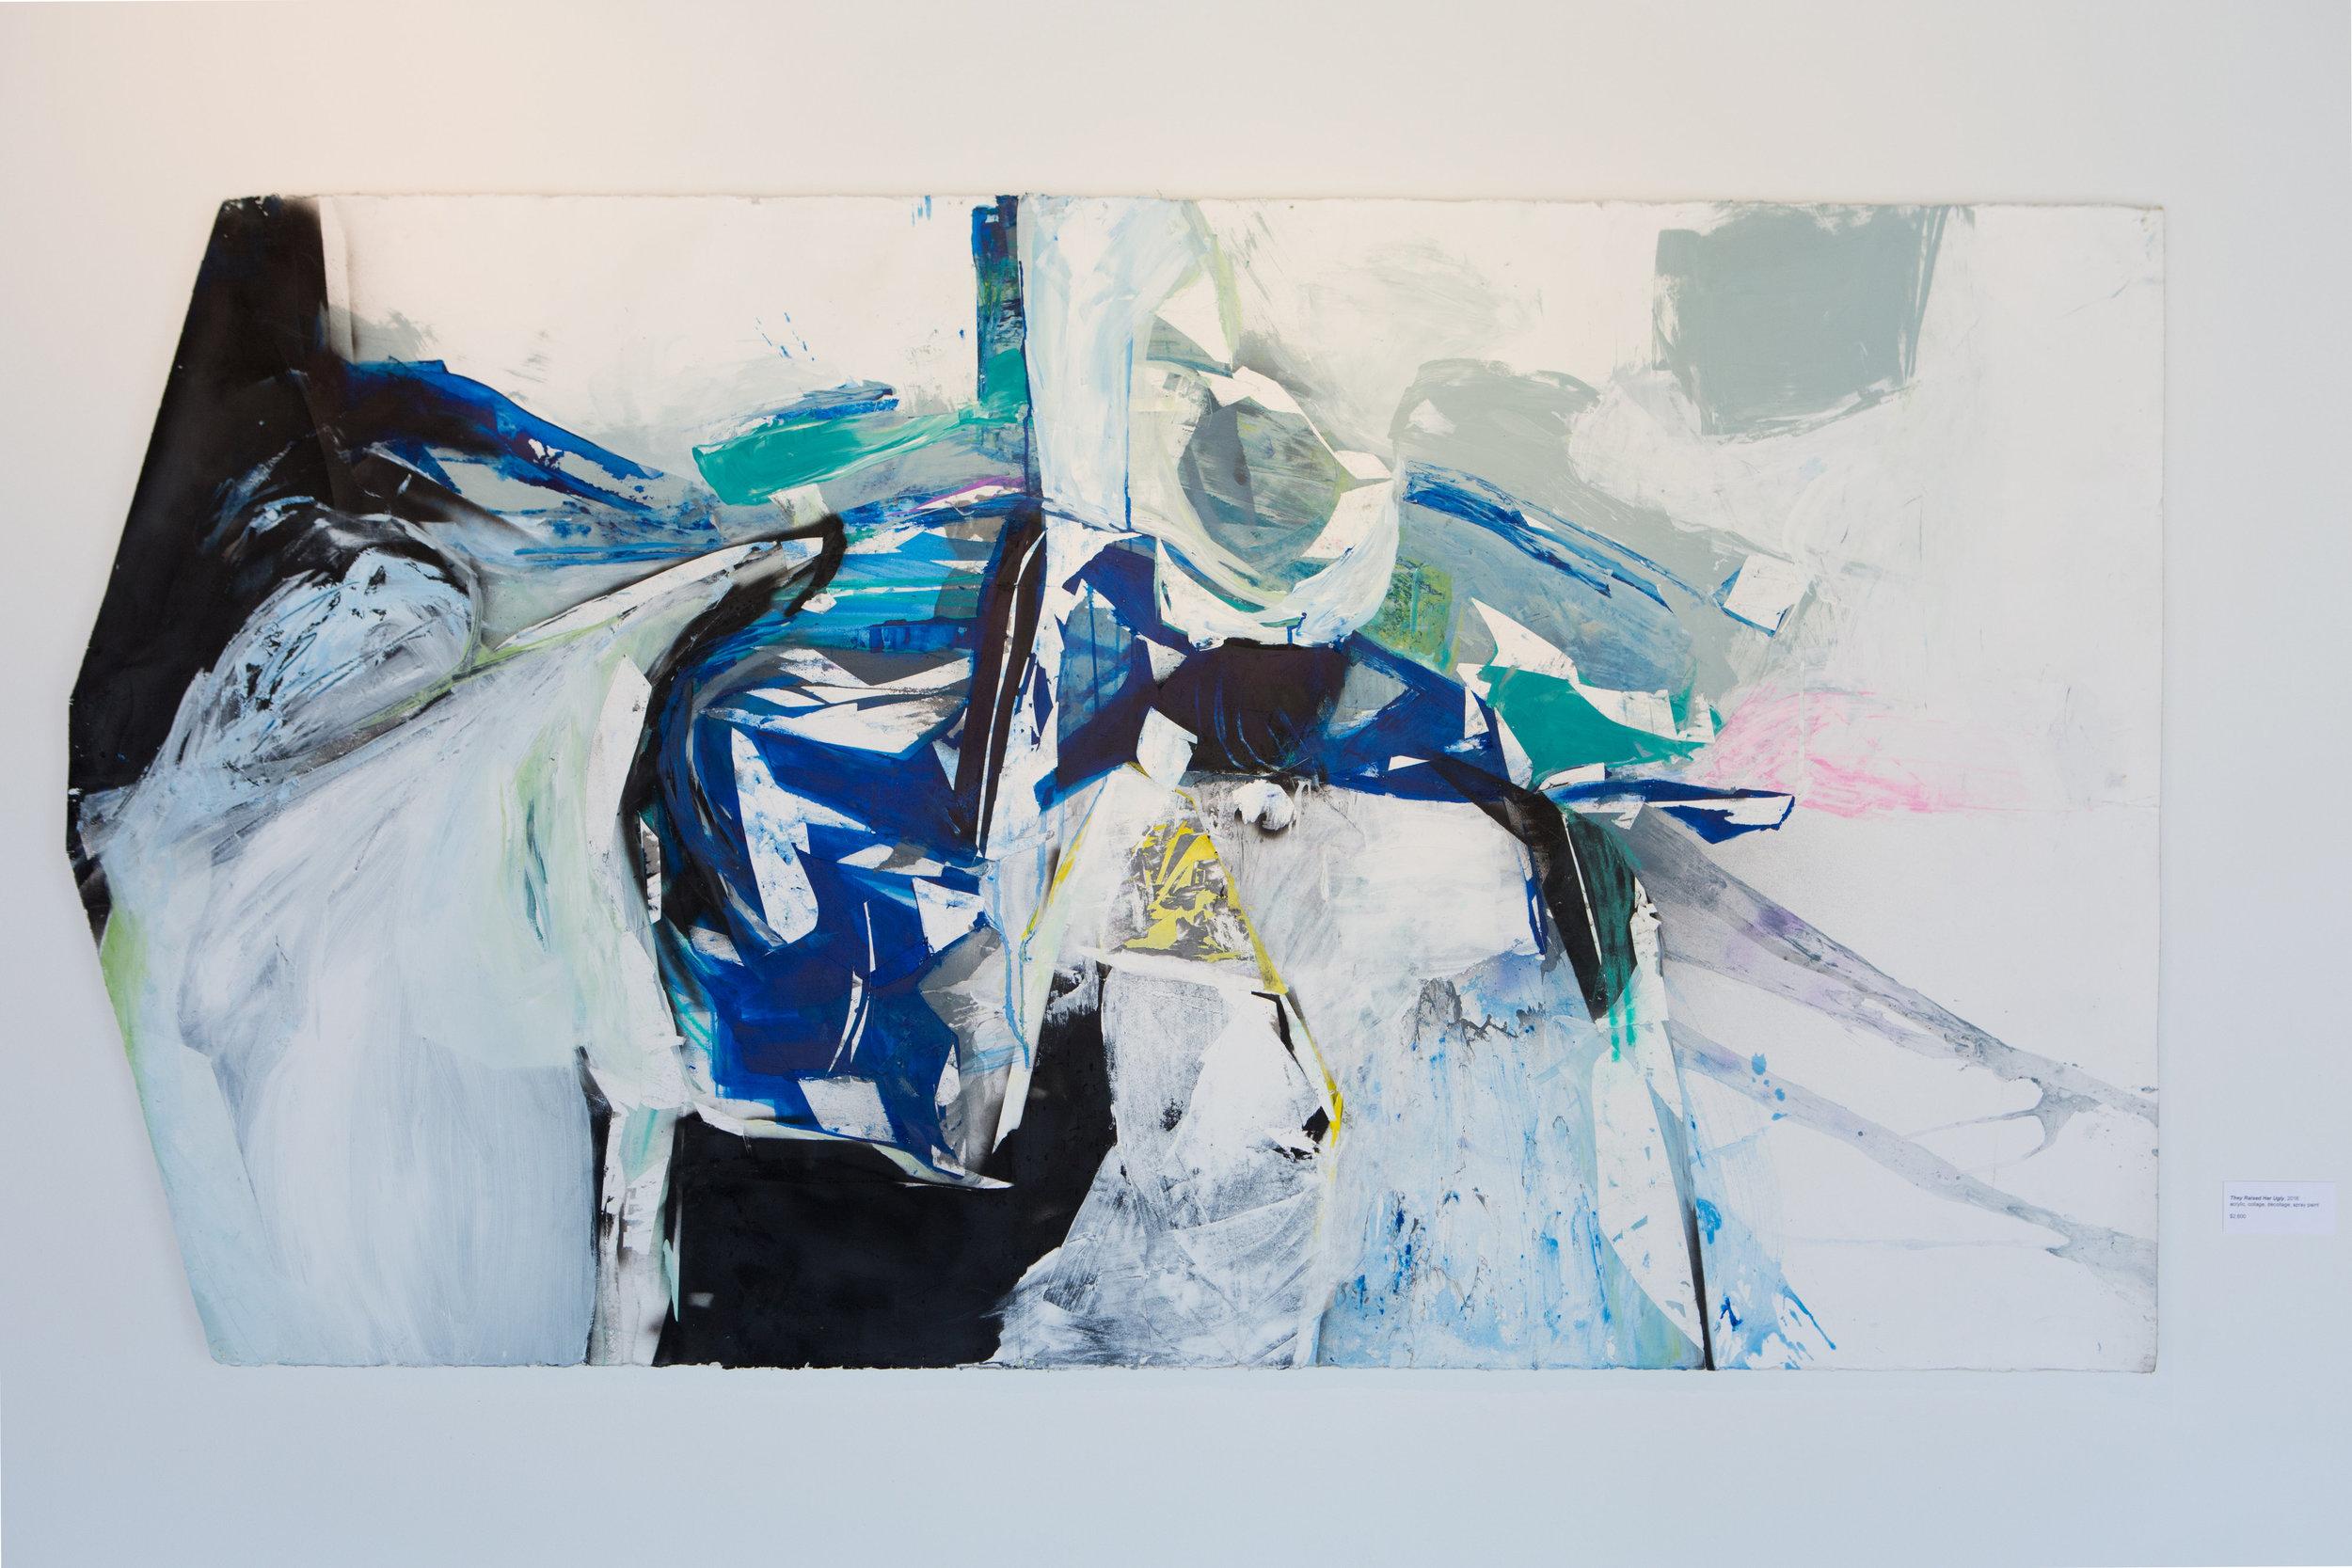 Gallery 924-0009.jpg